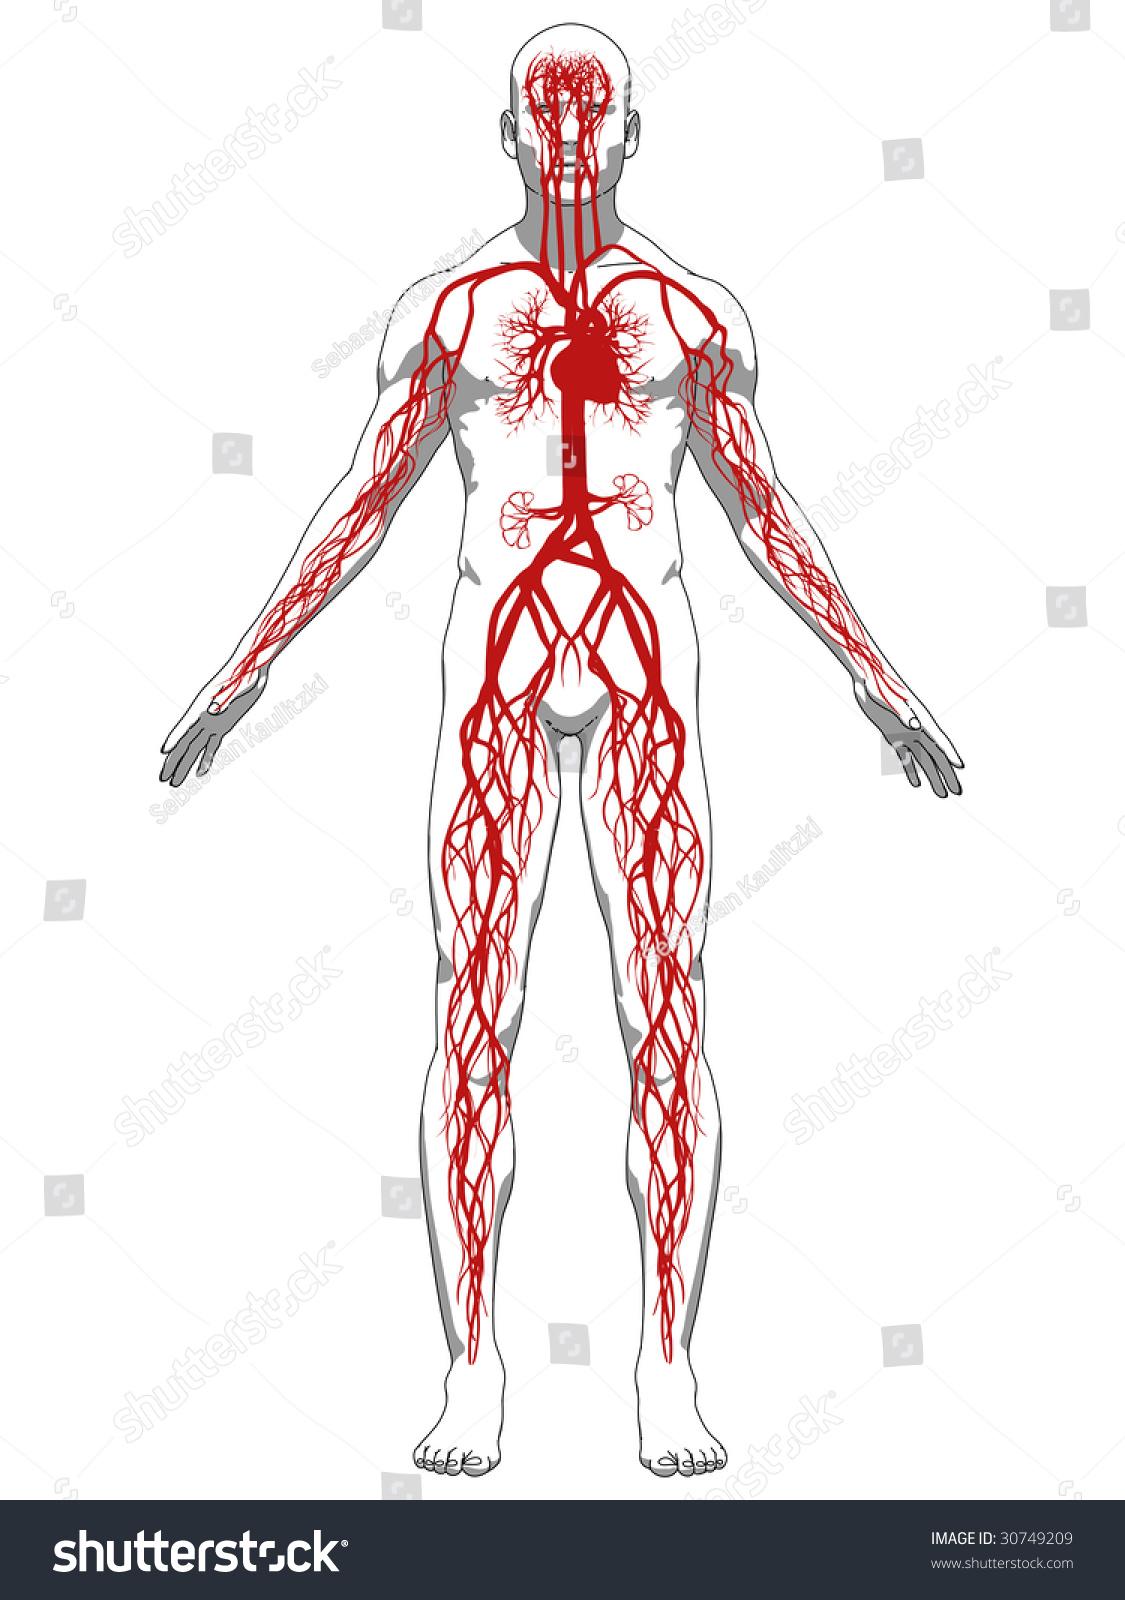 vascular system stock vector 30749209 - shutterstock, Cephalic Vein